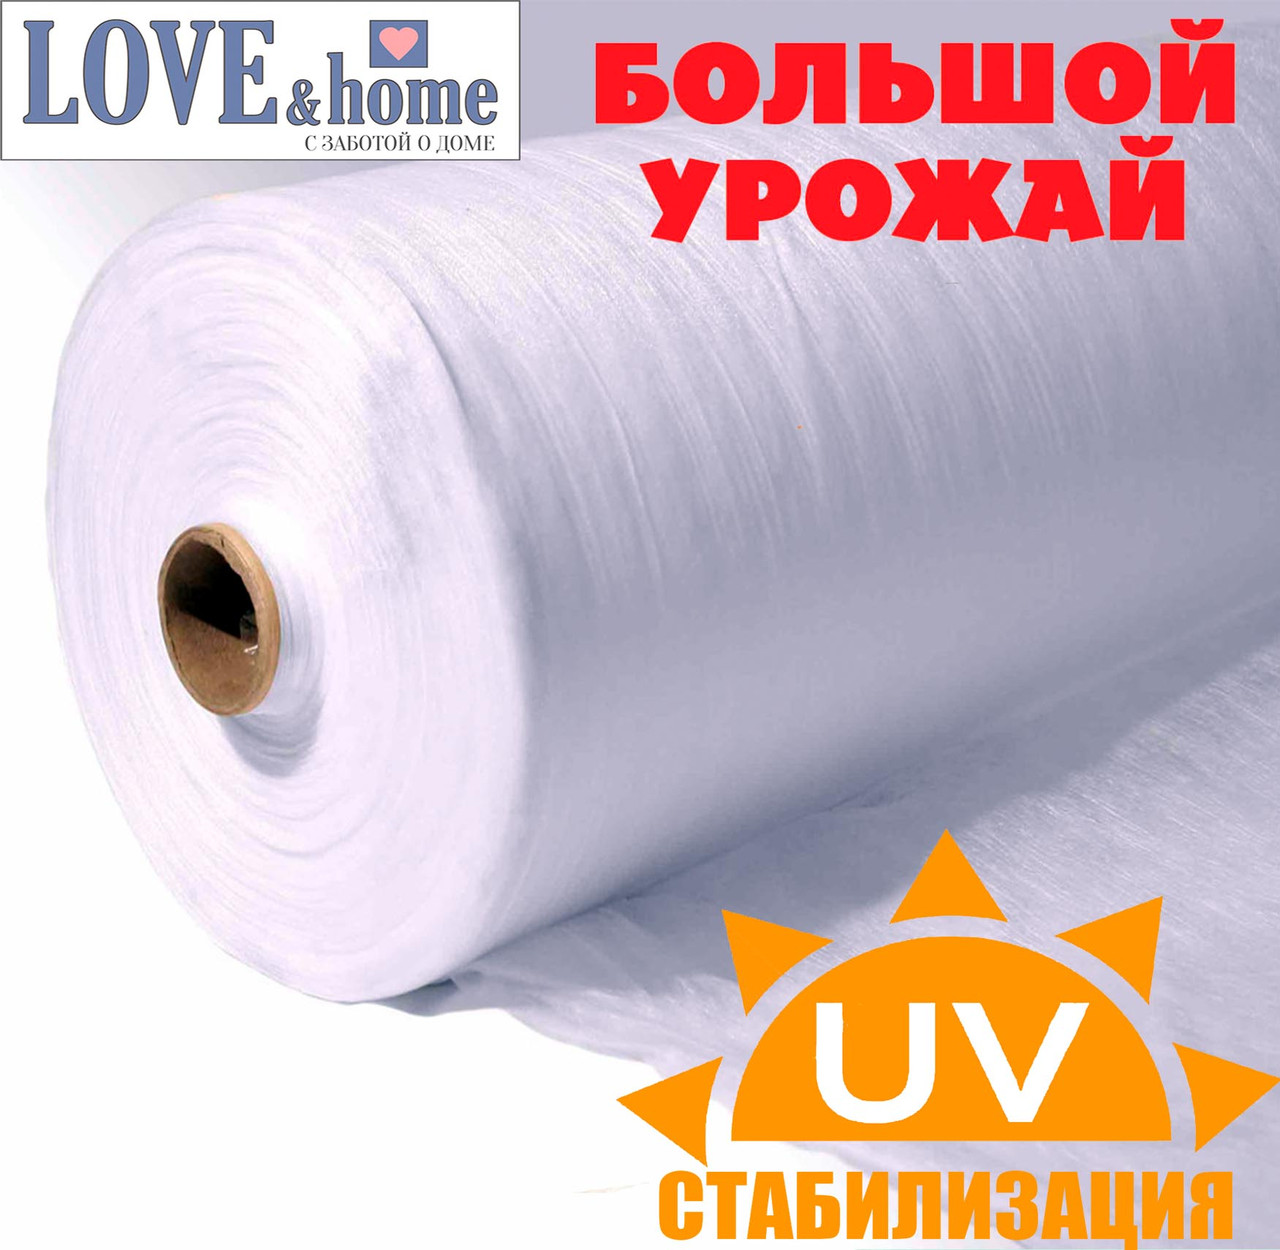 Агроволокно белое, плотность 23г/м². ширина 3.2 м. длинна 50м.